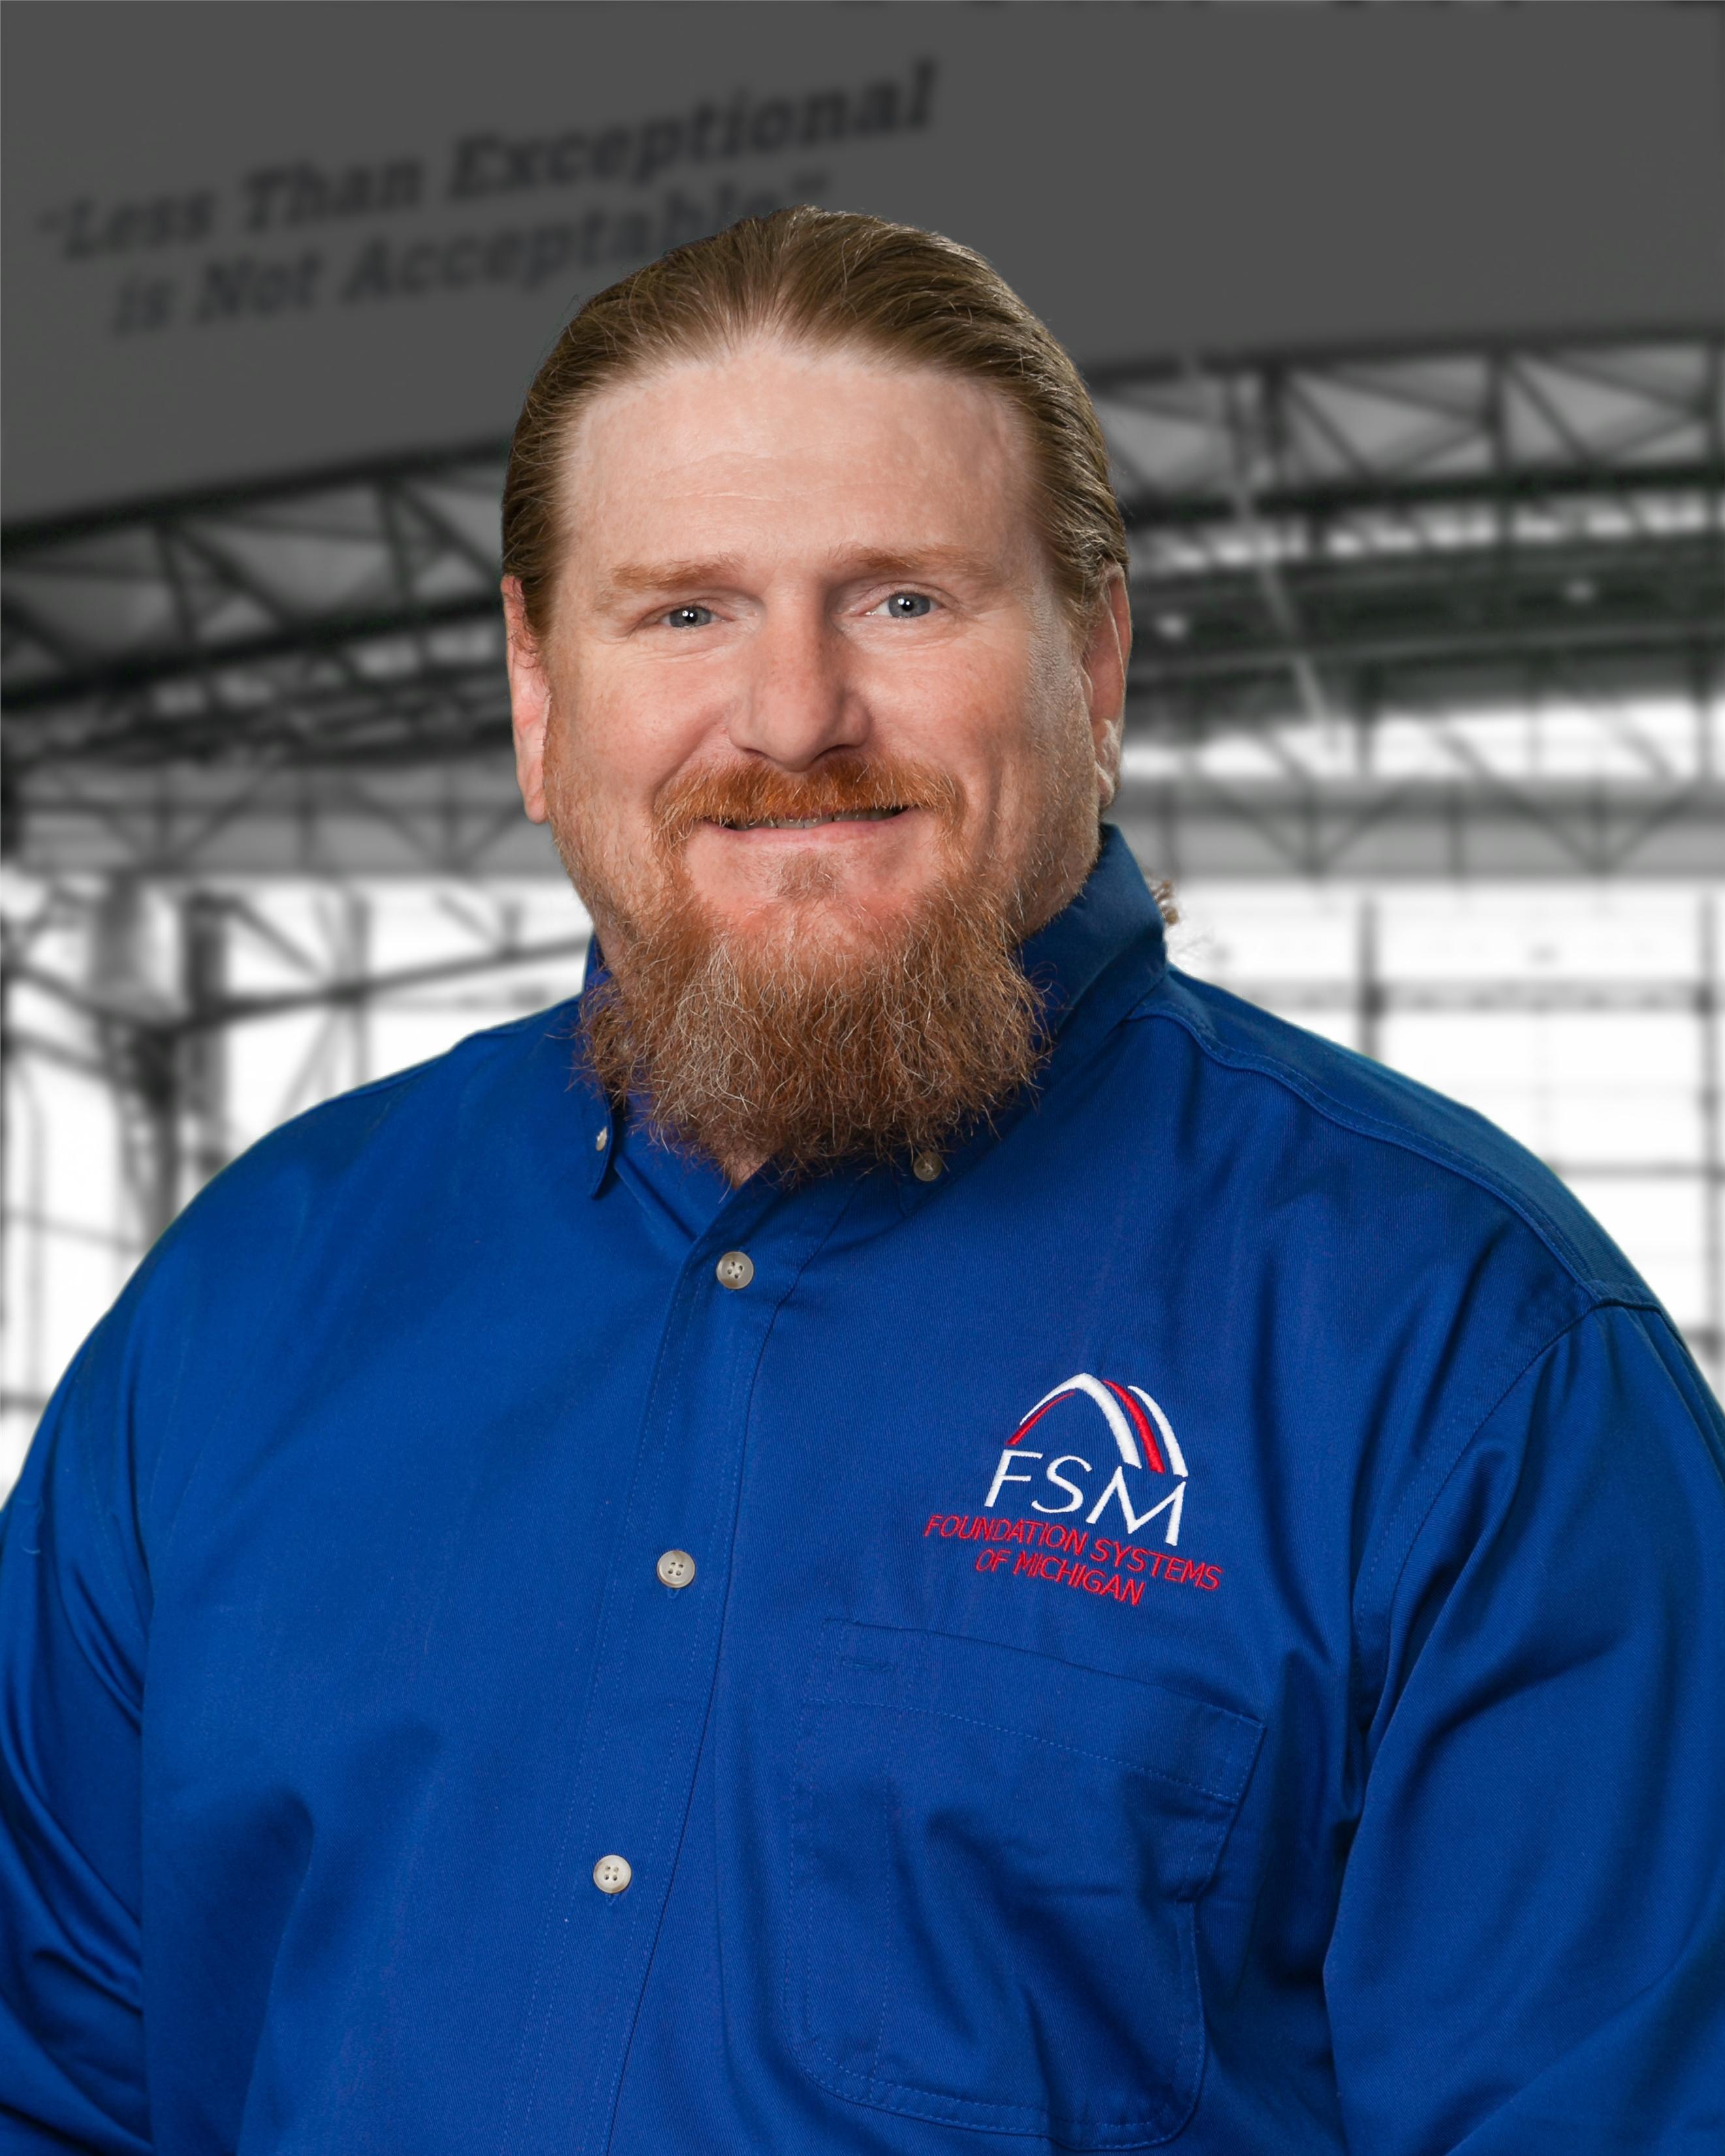 FSM Roger DeLong Inspections Support